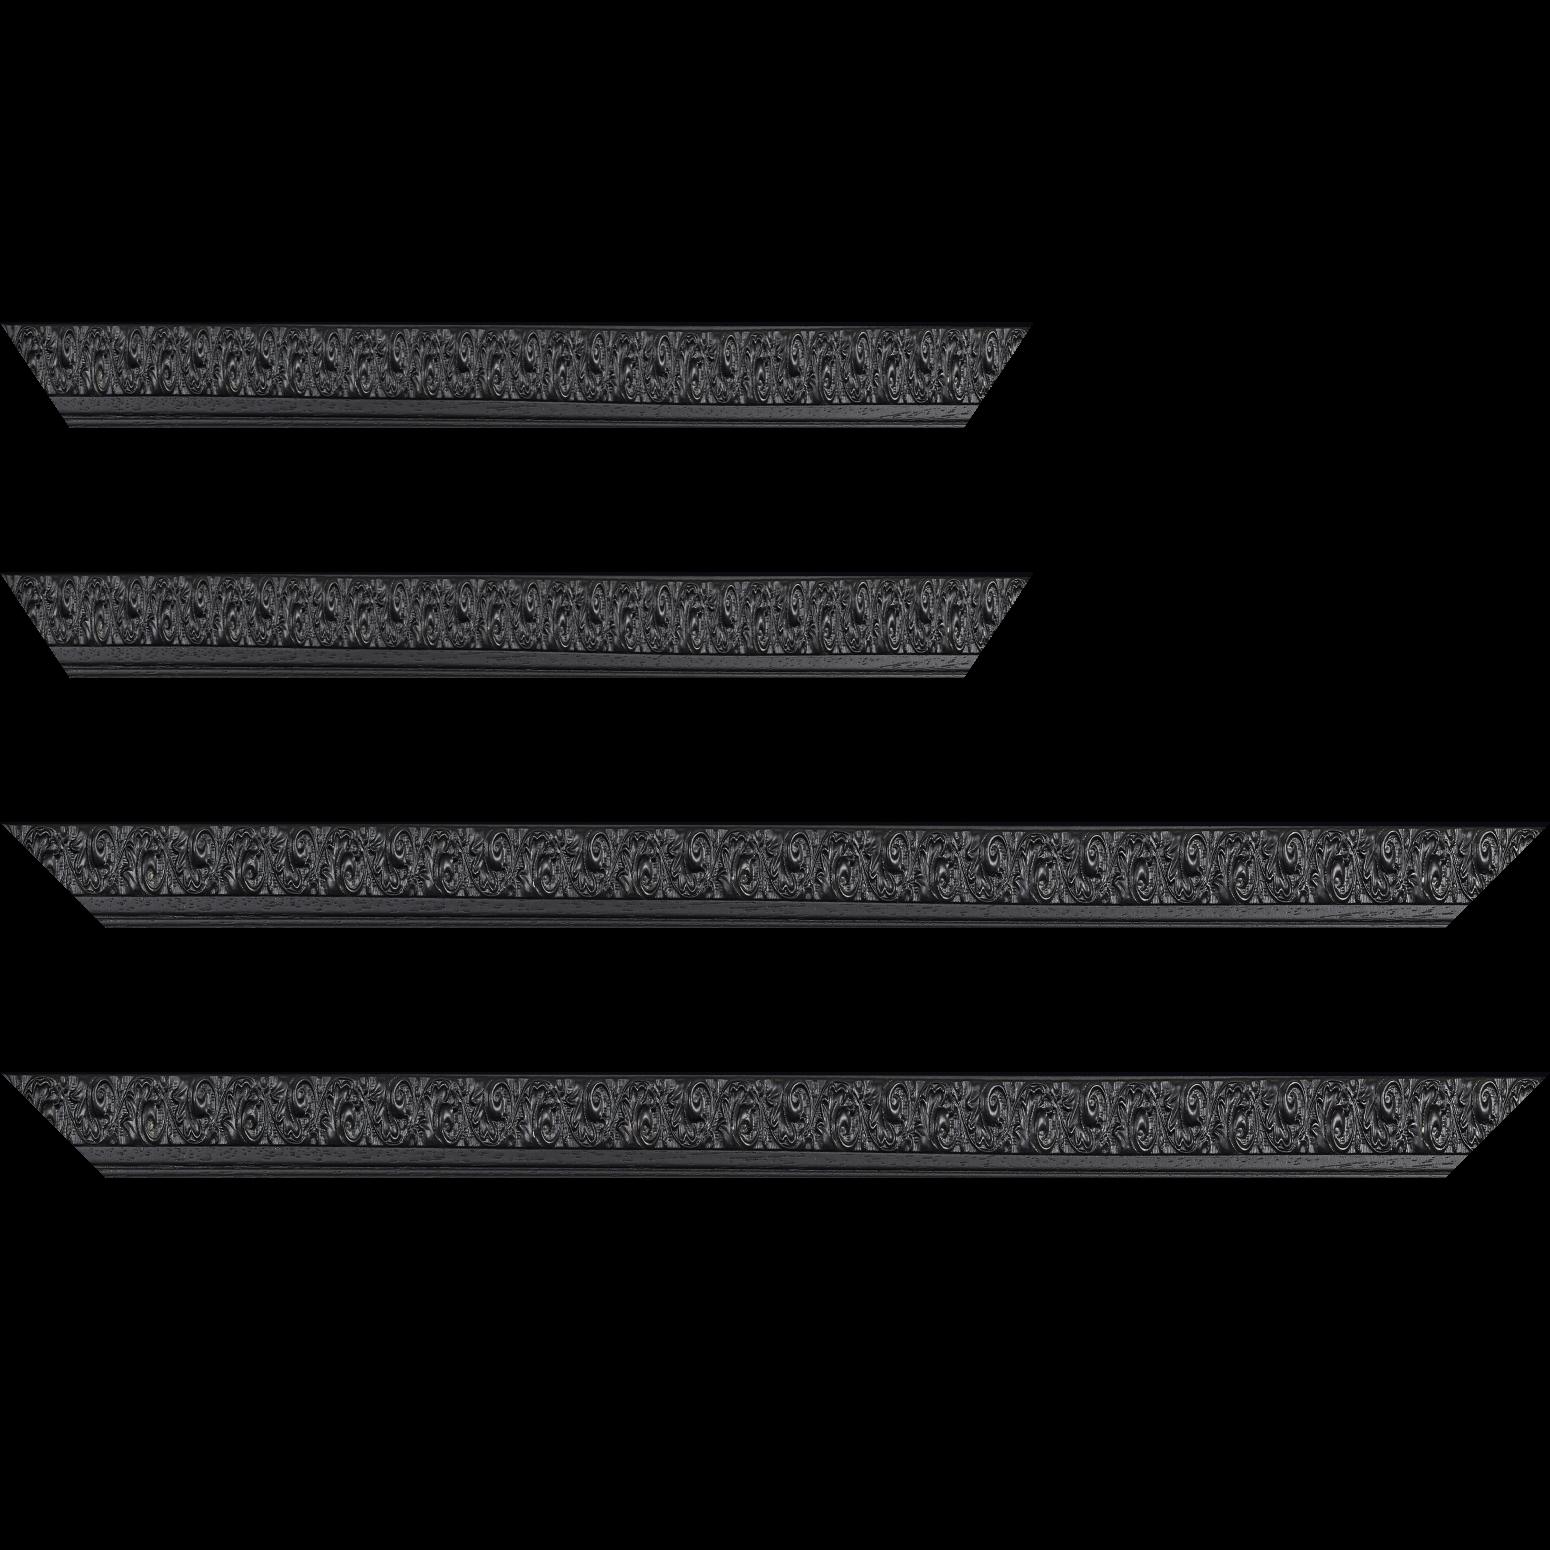 Baguette service précoupé Bois profil plat largeur 3.5cm couleur noir antique satiné décor frise